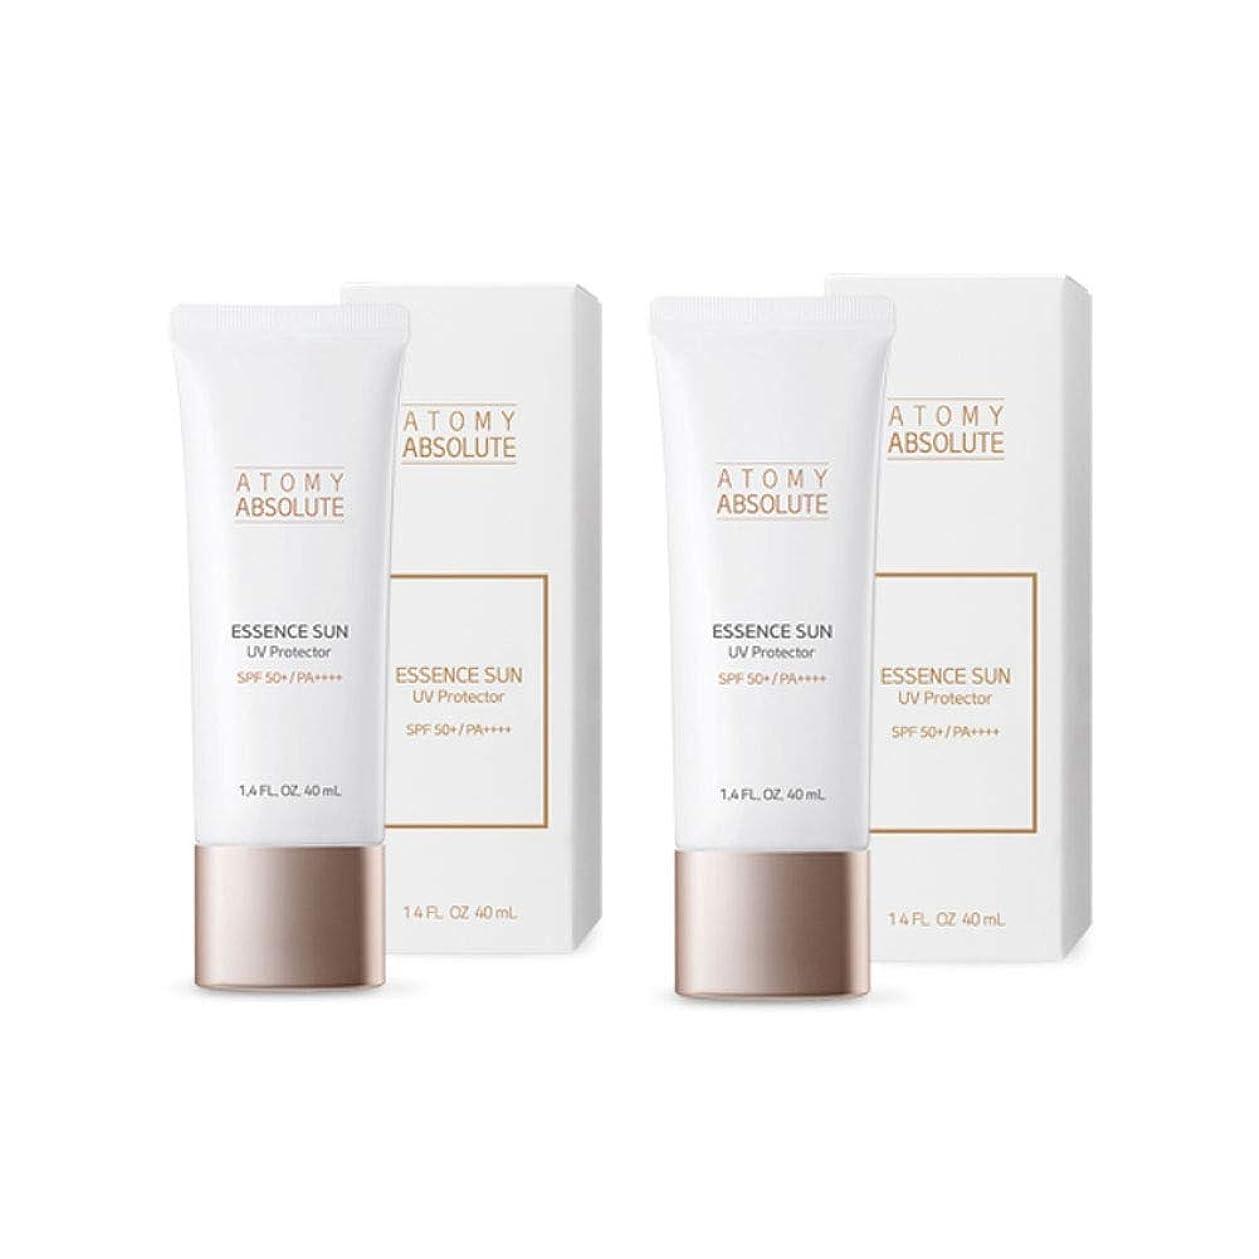 ささいなコンテンポラリー奪うアトミアブソリュートエッセンスサンUVプロテクター40mlx2本セットサンクリーム韓国コスメ、Atomy Absolute Essence Sun UV Protector 40ml x 2ea Set Sun Cream Korean Cosmetics [並行輸入品]